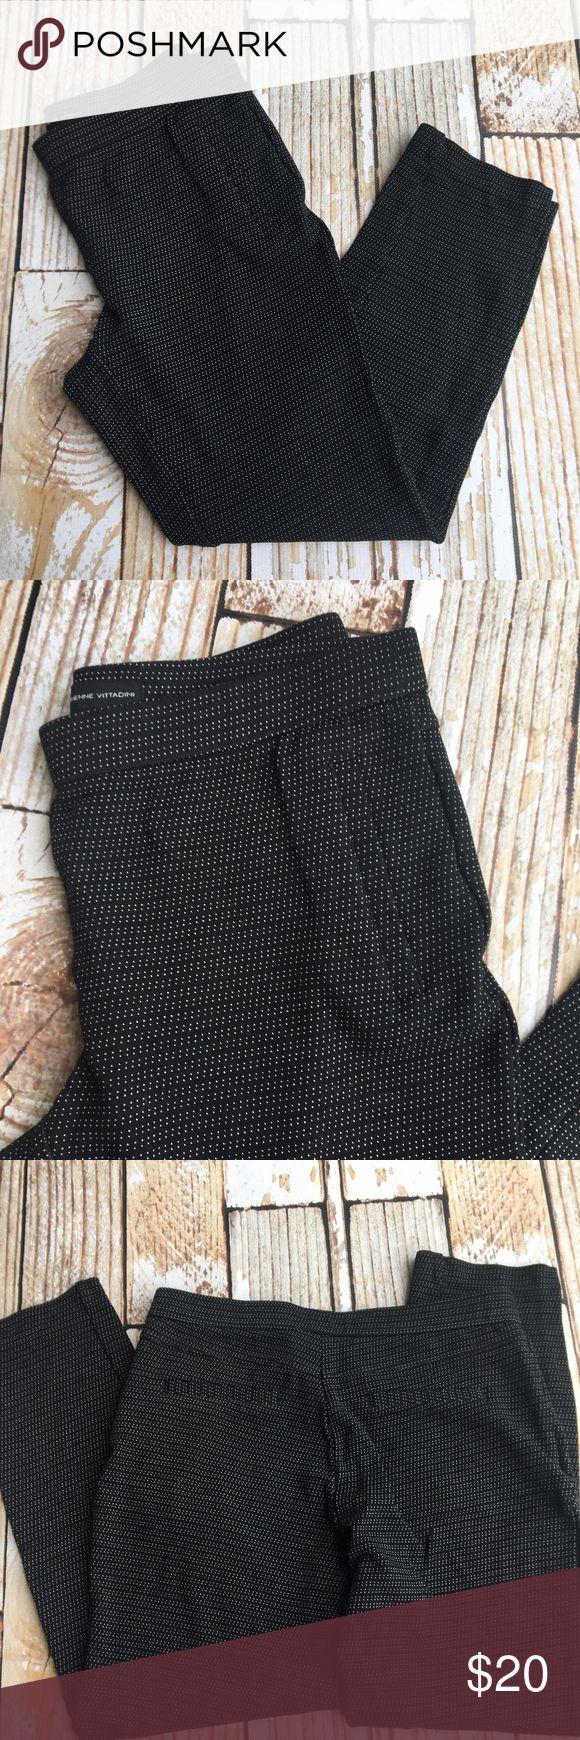 Adrienne Vittadini skinny pants legging style Adrienne Vittadini skinny casual pants legging style size 8 Adrienne Vittadini Pants Leggings